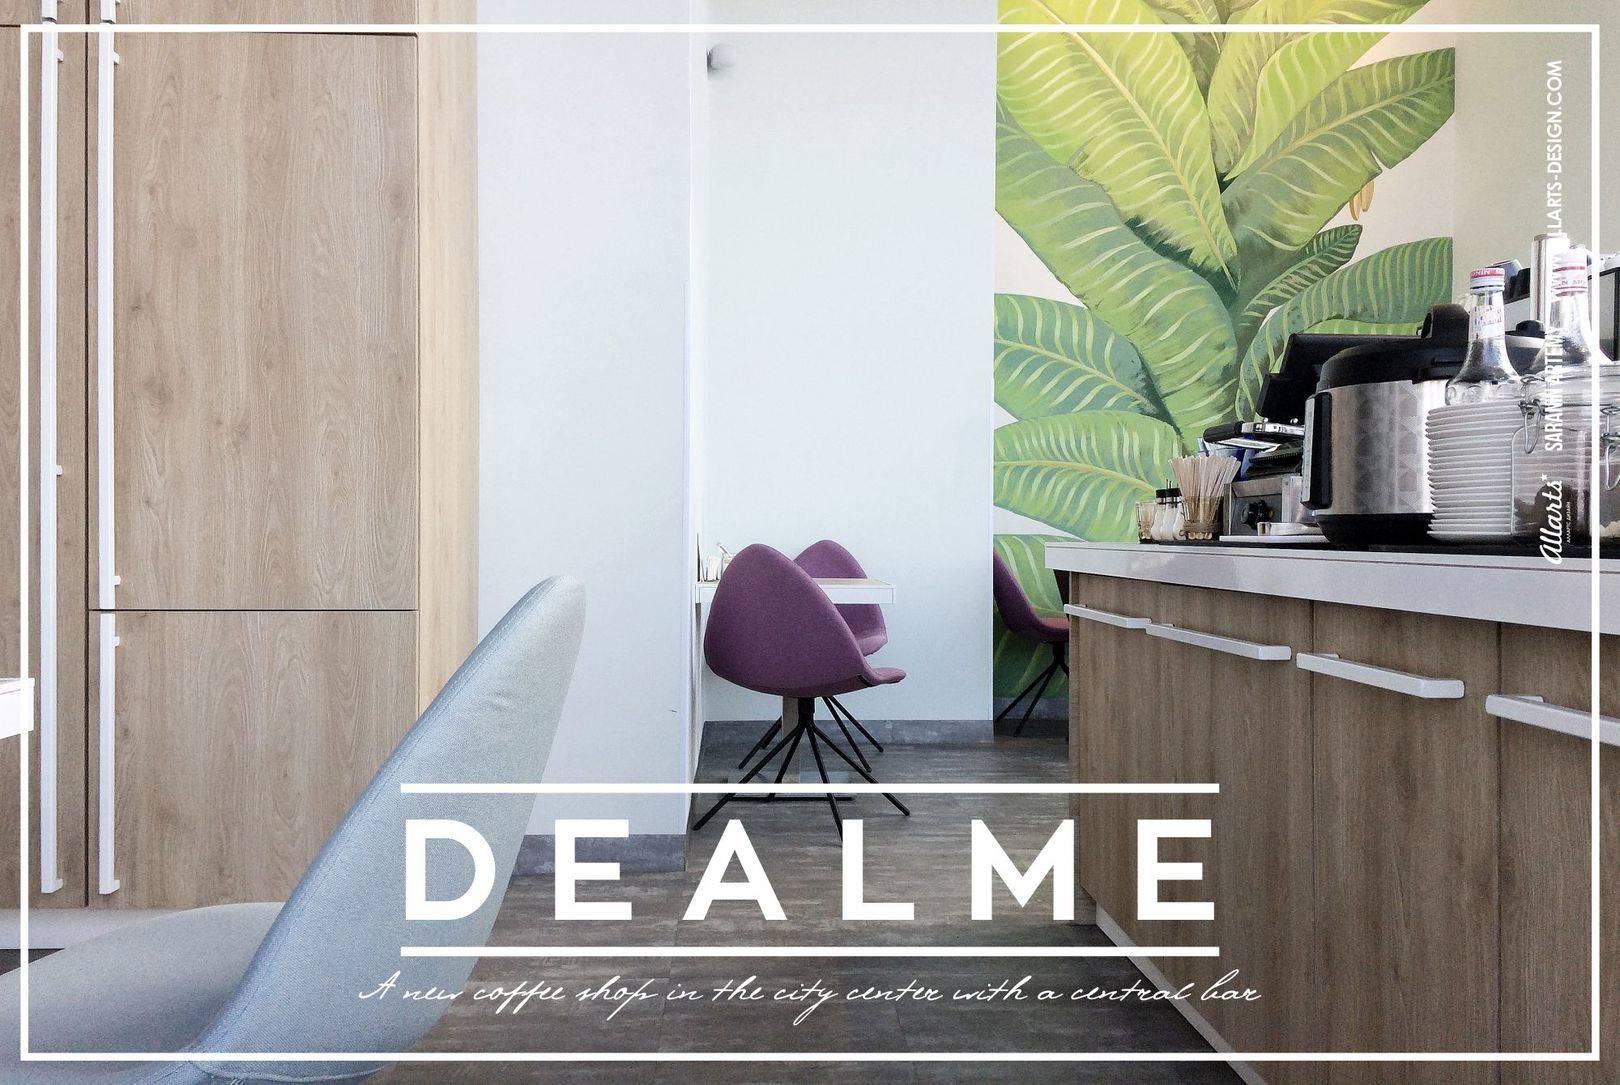 Дизайн интерьера кофейня Dealme